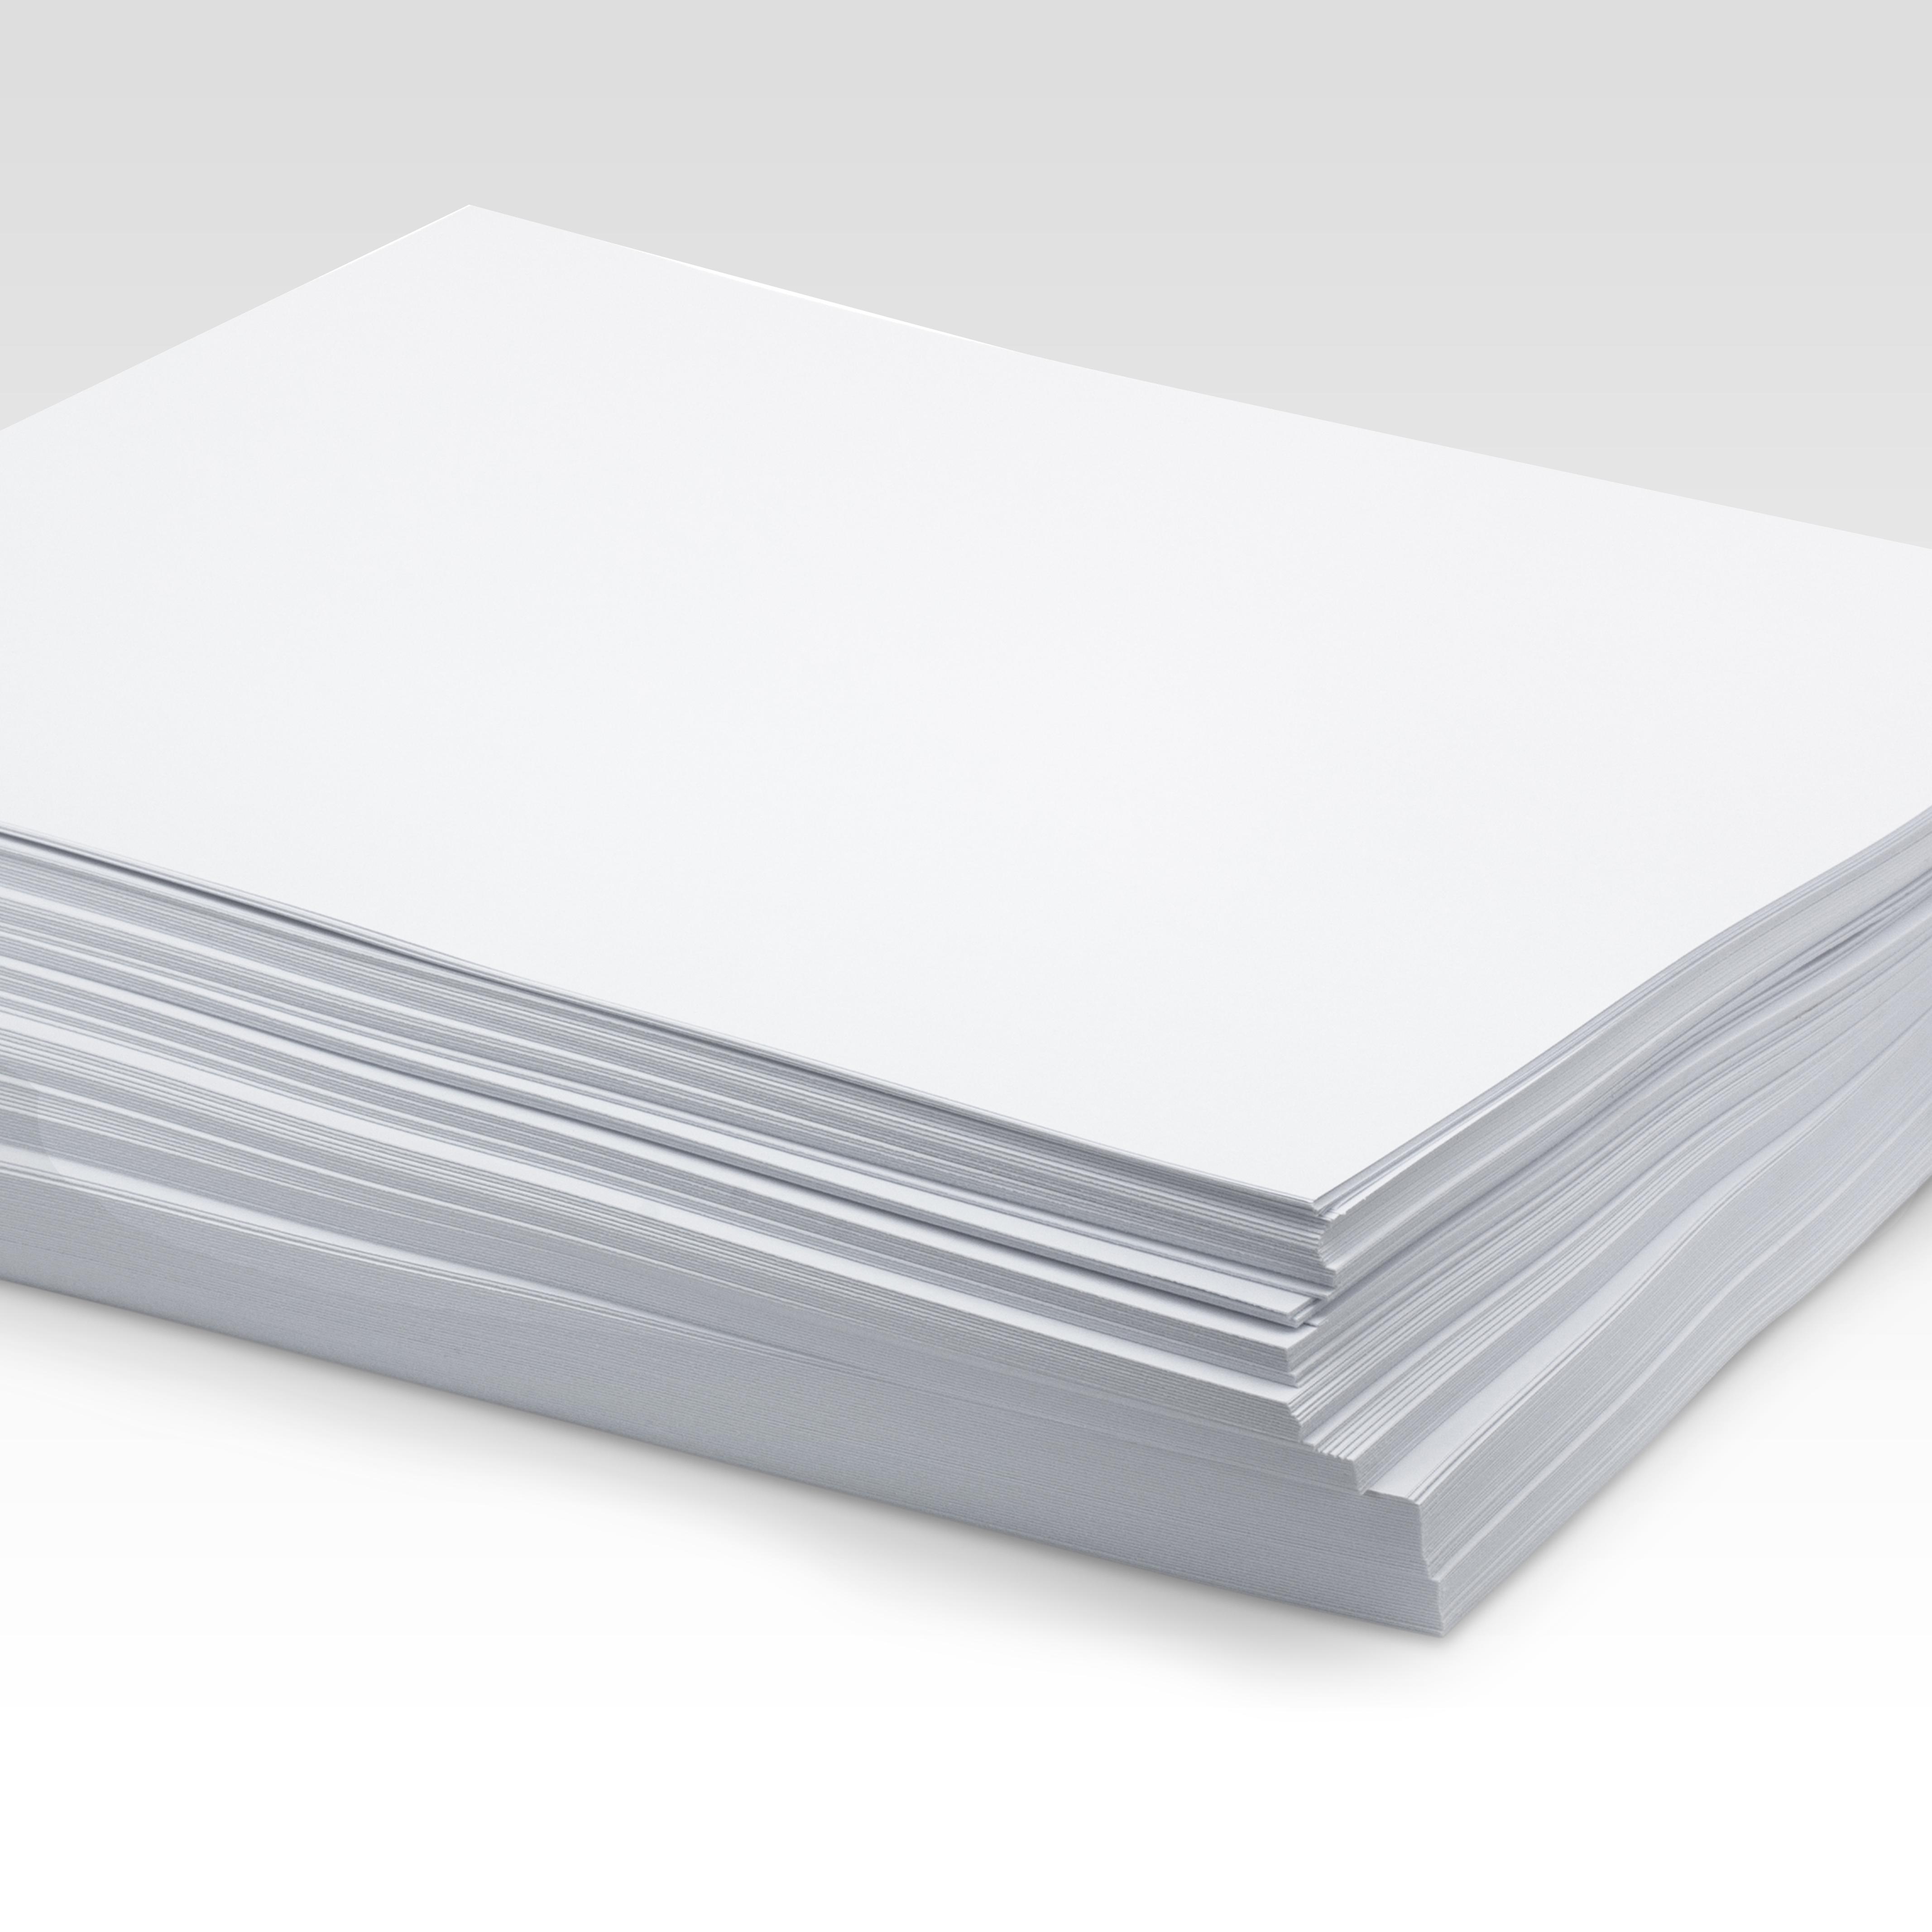 Papier Produits Impression Nouveaux Concepts Longueuil Montreal